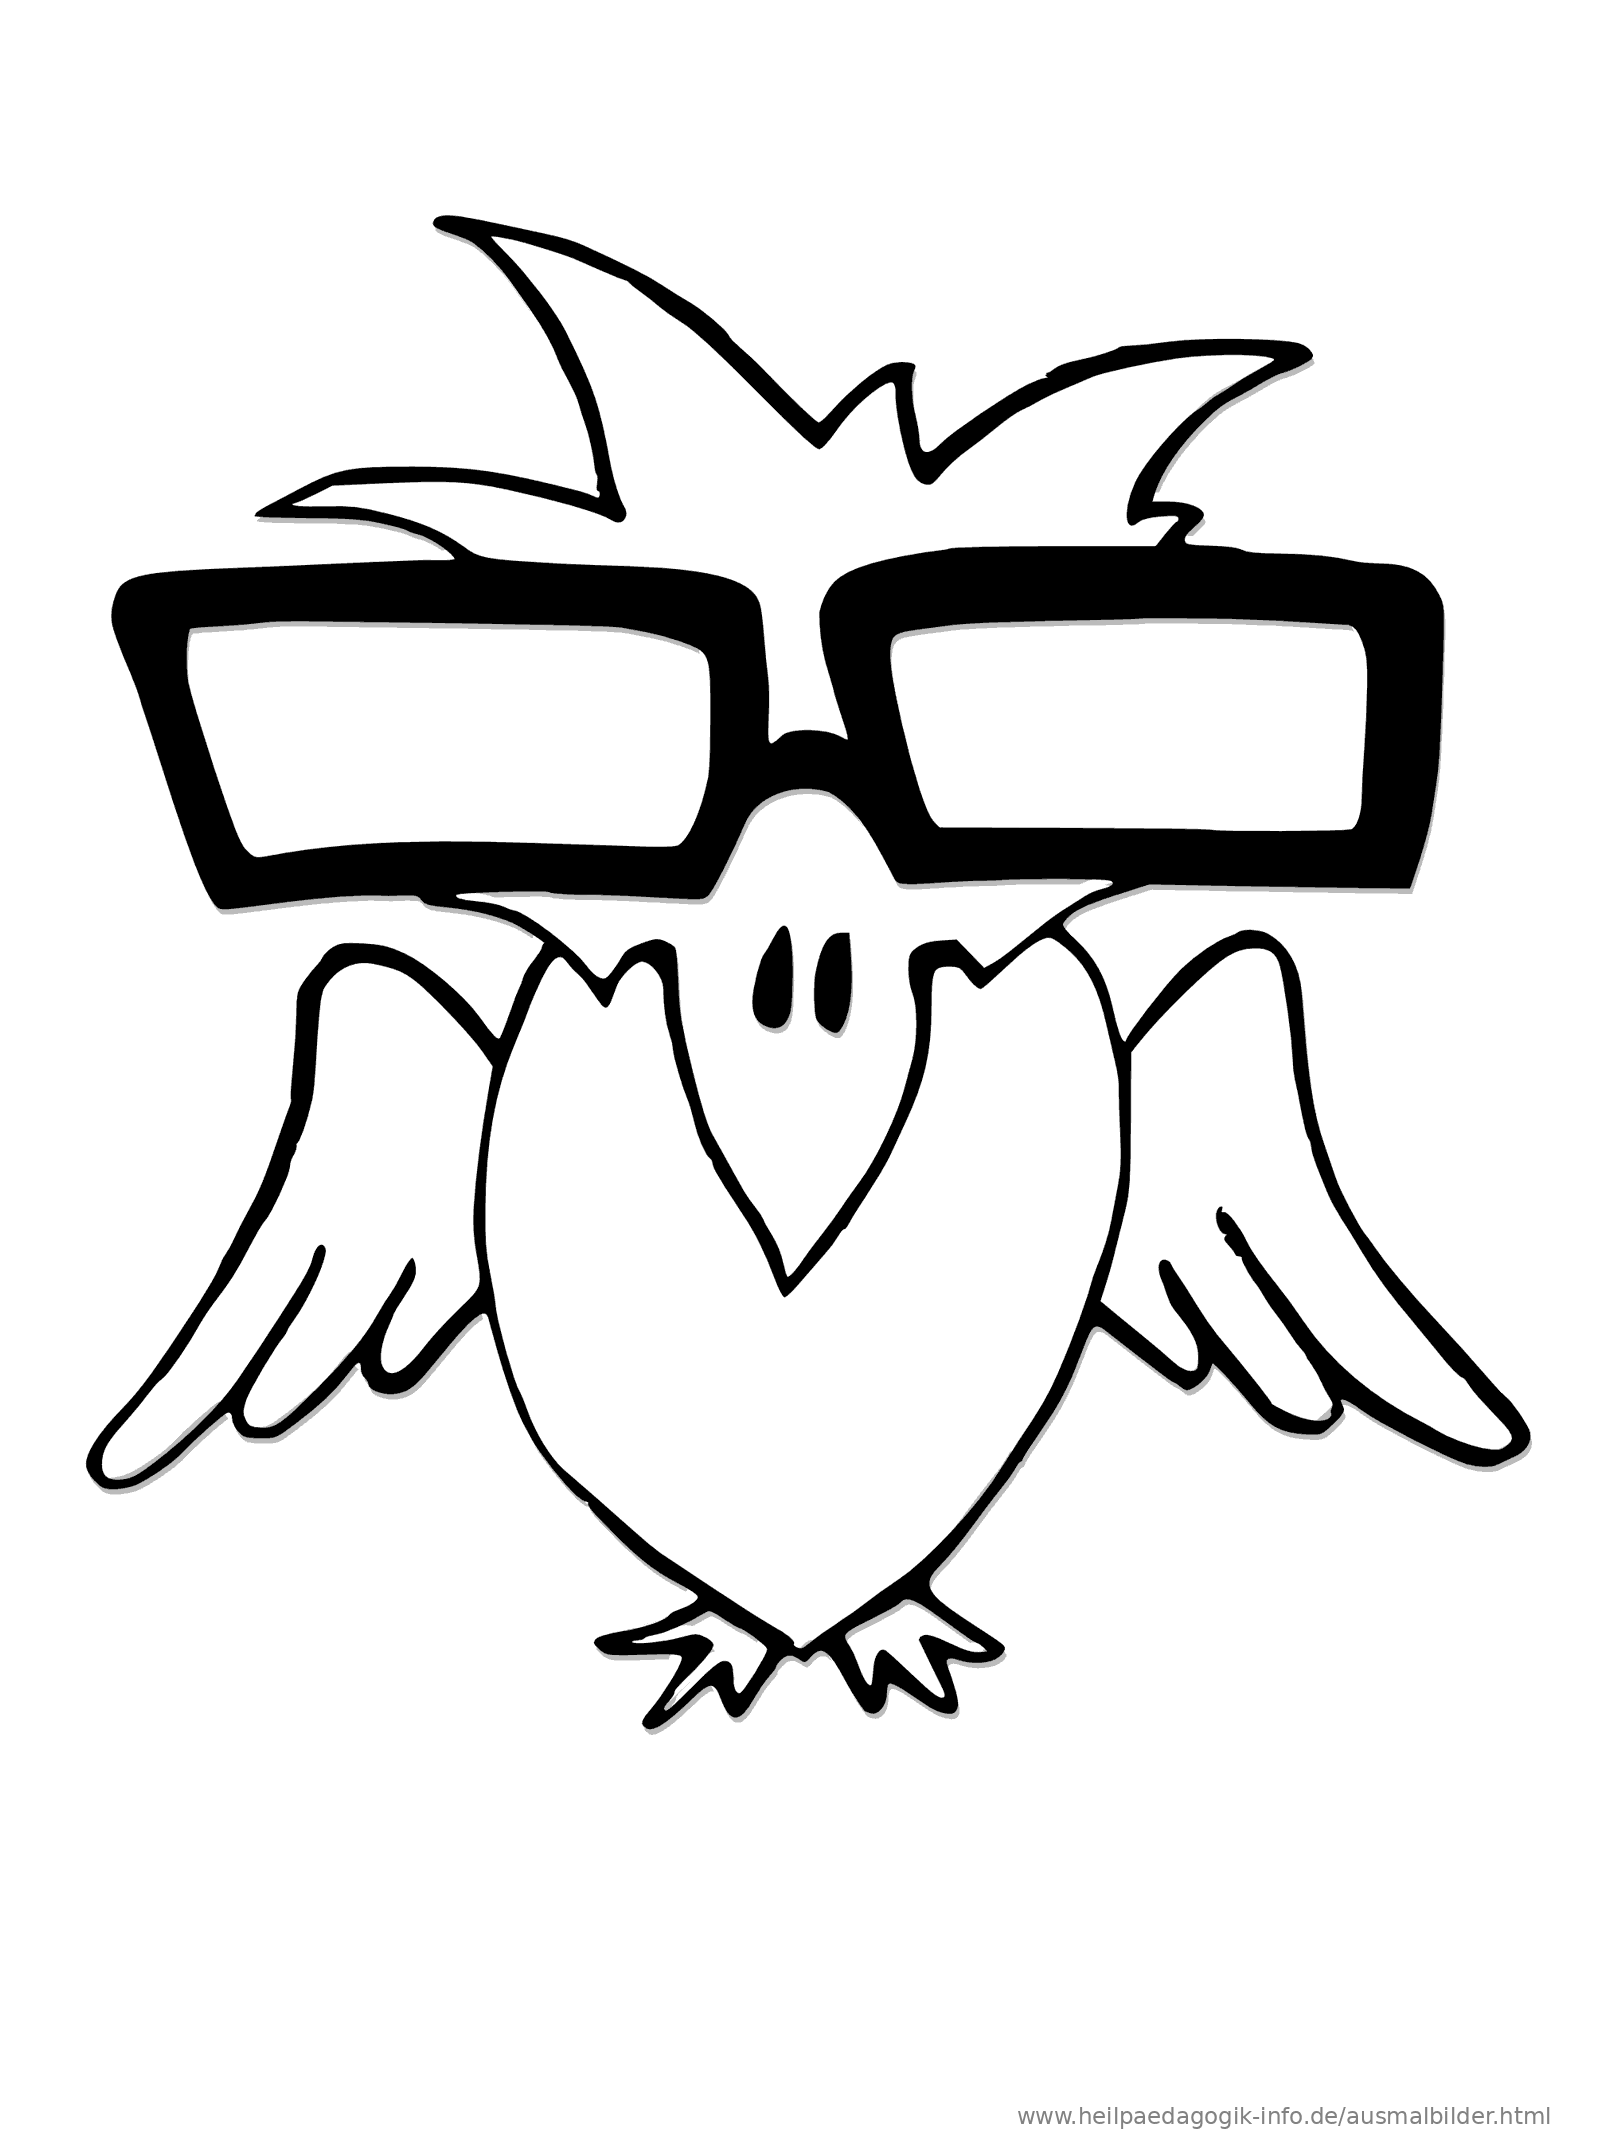 Ziemlich Druckbare Vogel Malvorlagen Fotos - Druckbare Malvorlagen ...